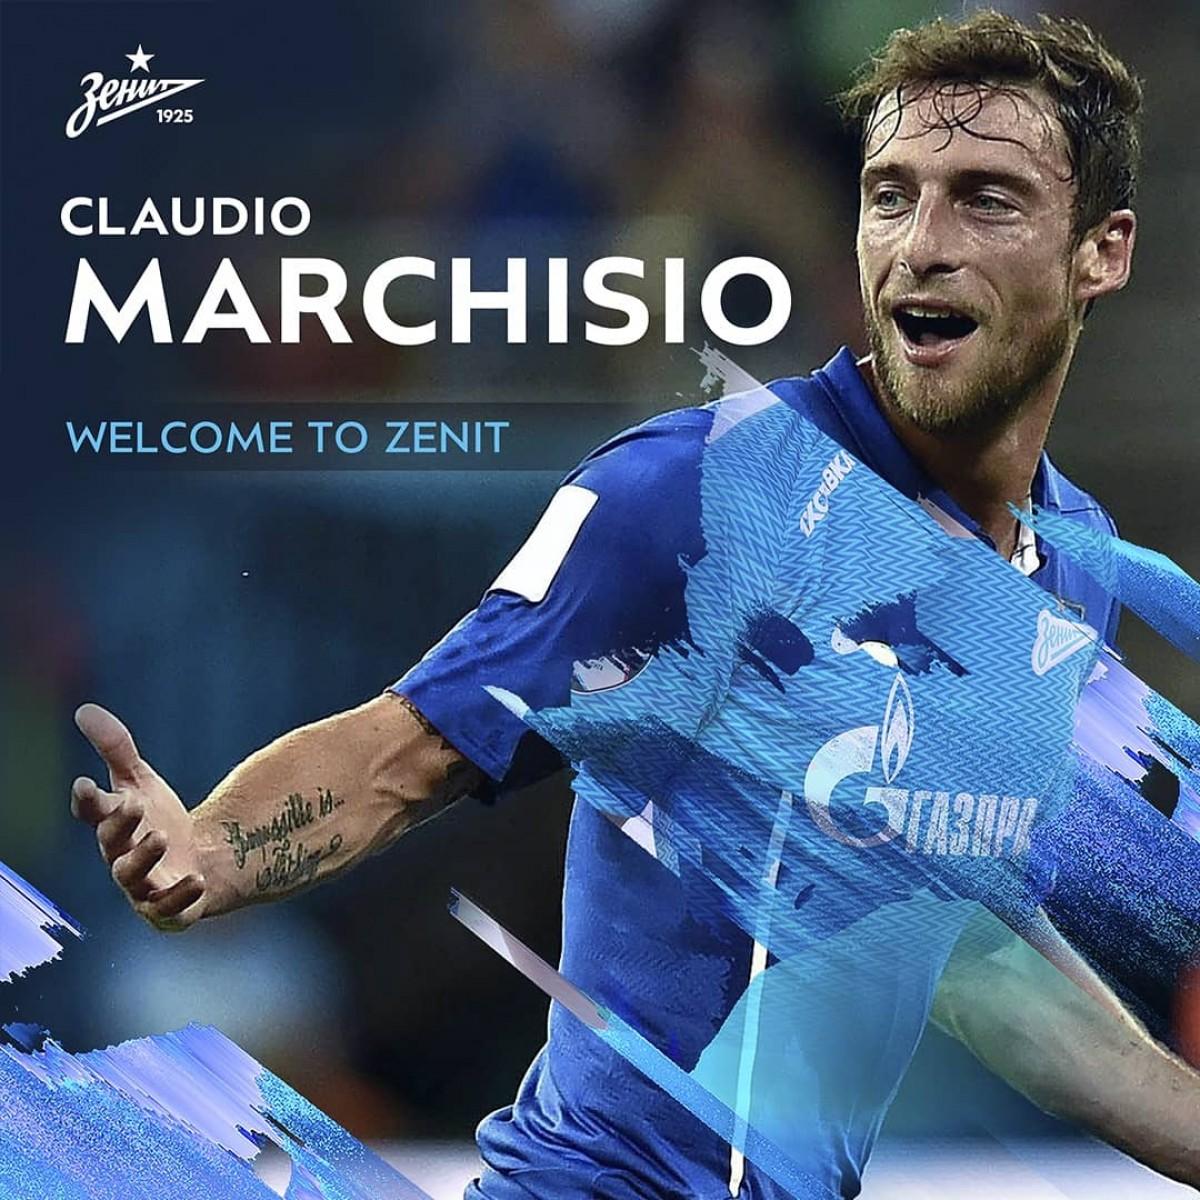 Zenit San Pietroburgo, ecco la nuova squadra di Marchisio